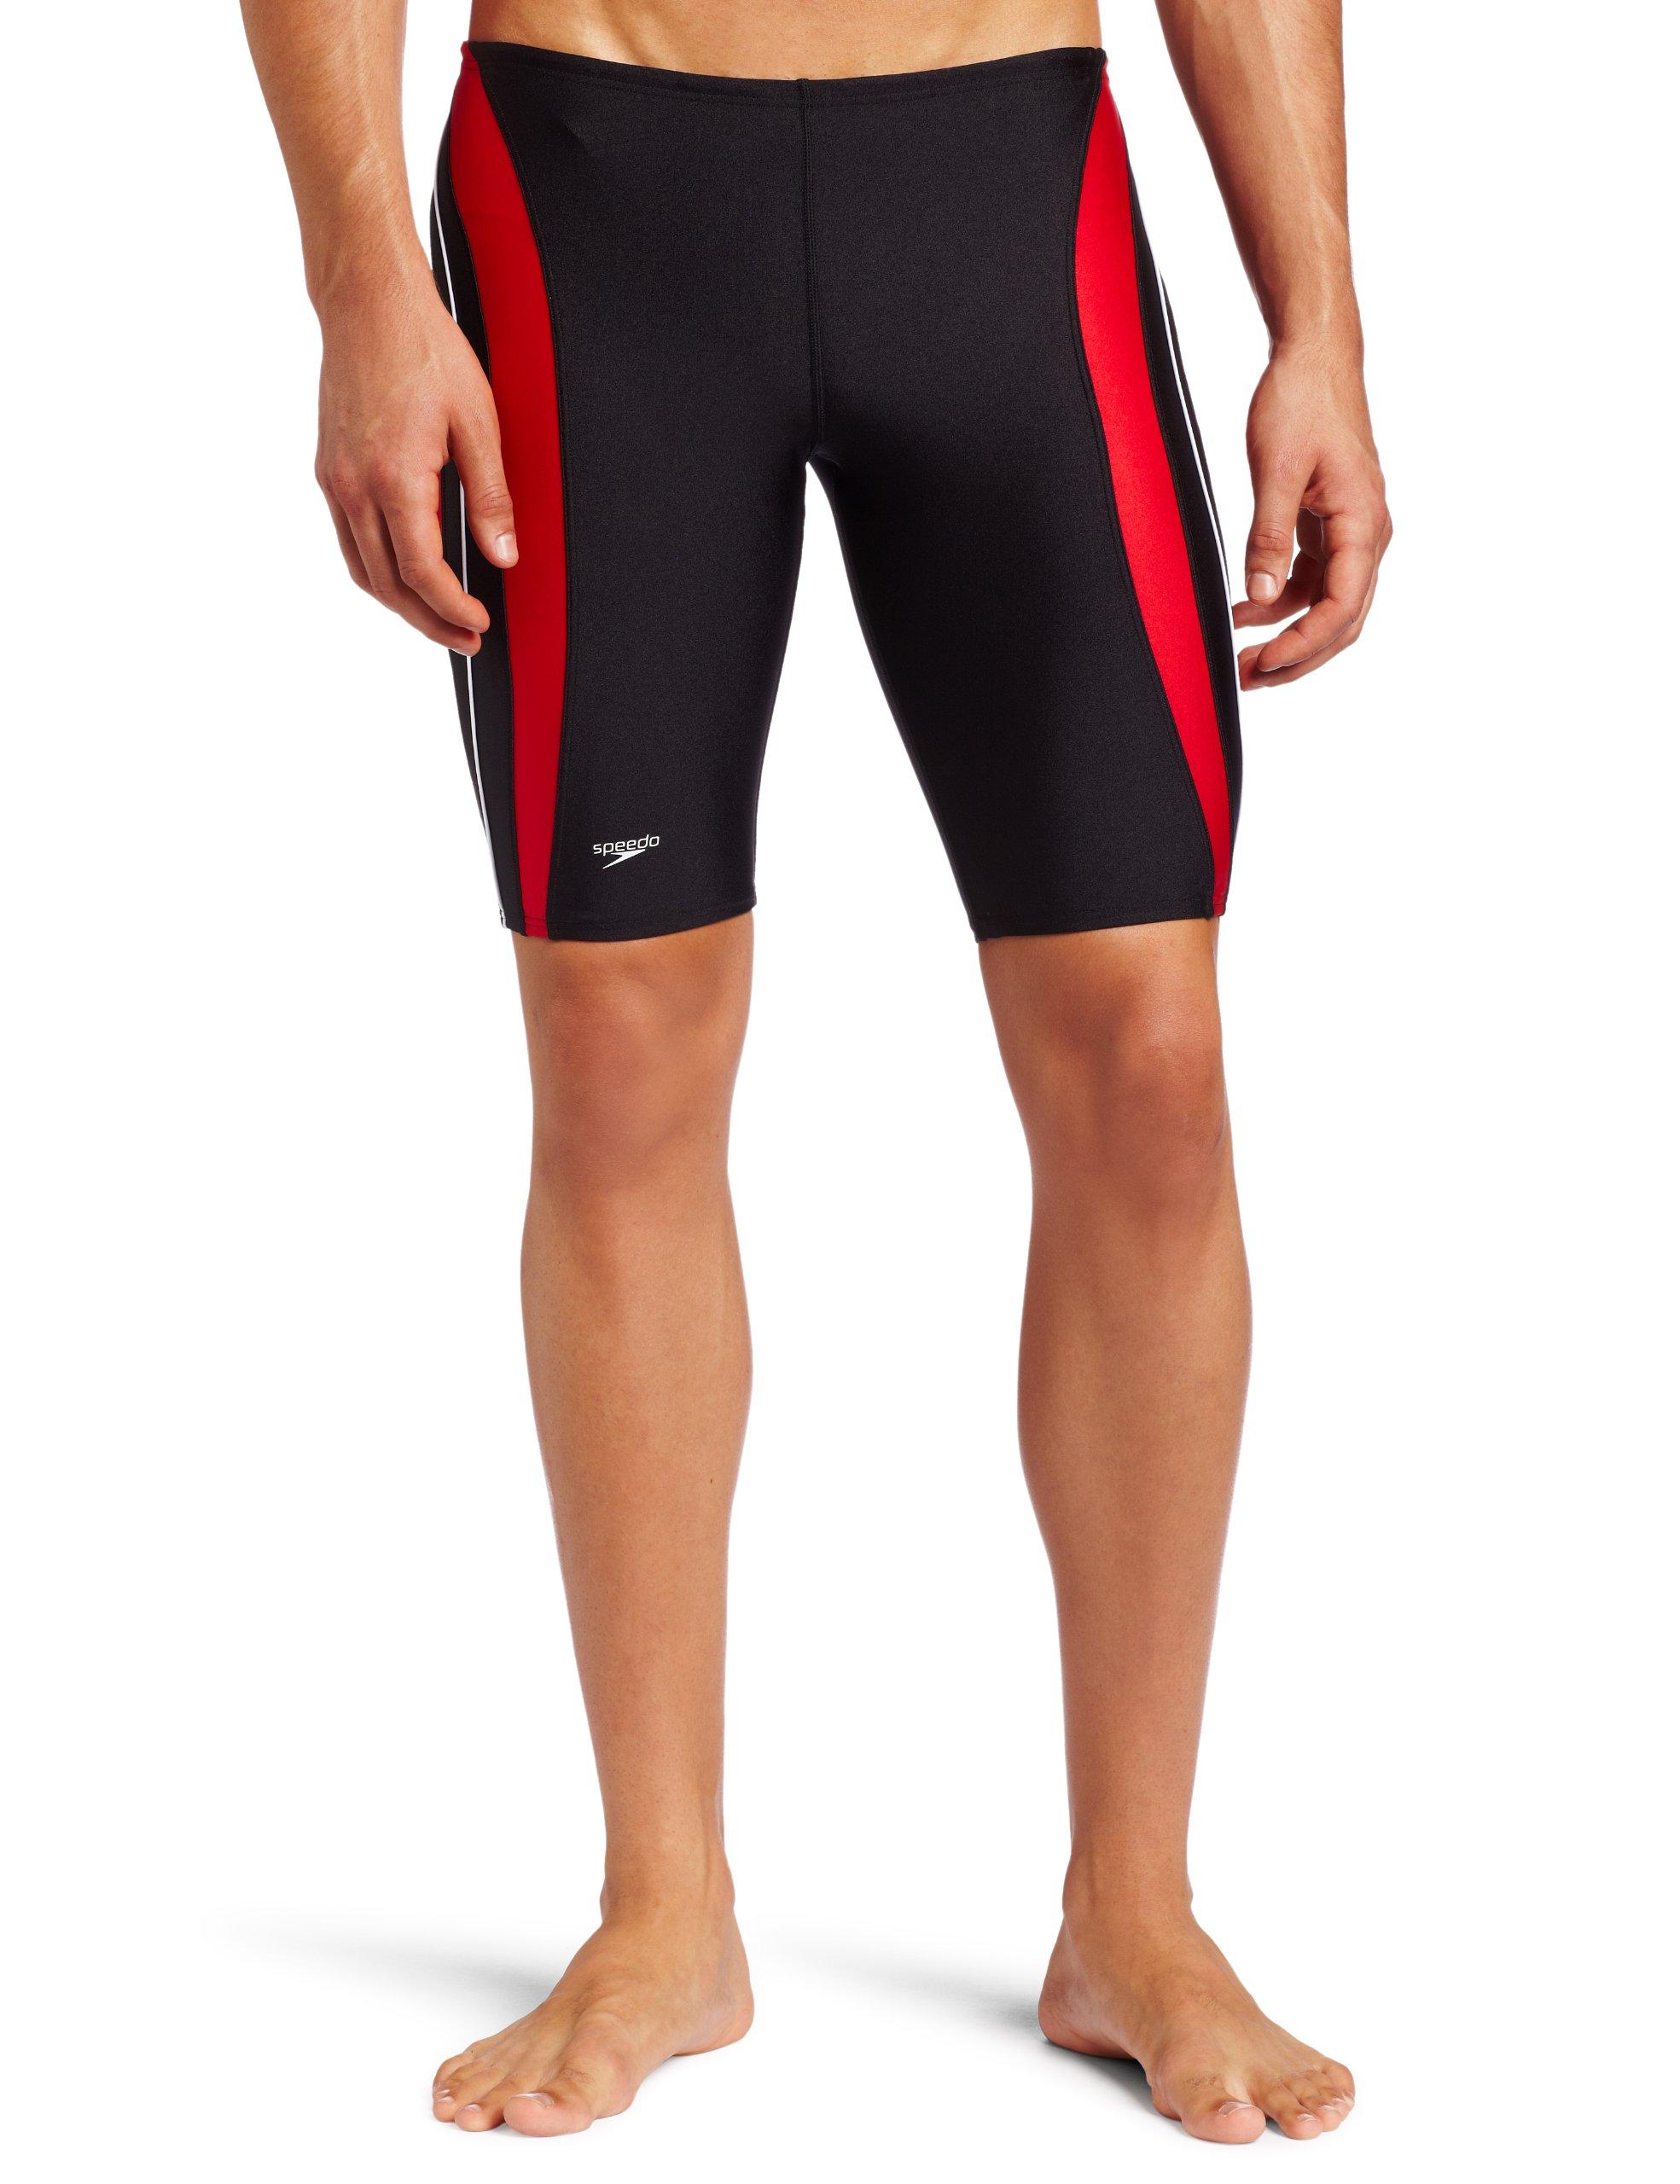 Speedo Men's Xtra Life Lycra Rapid Splice Jammer Swimsuit, Black/Red, 34